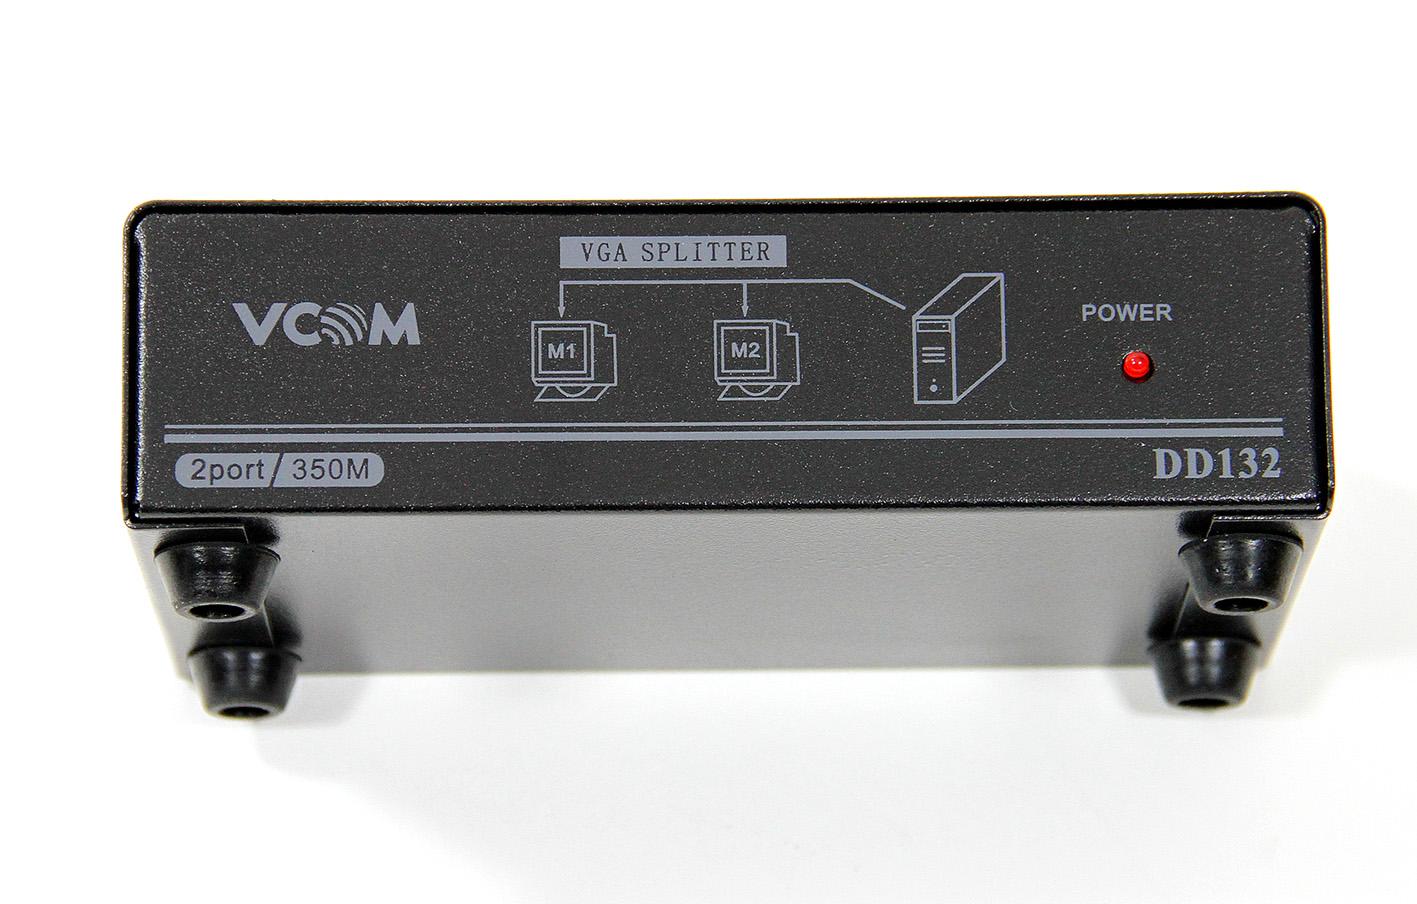 Разветвитель VGA 1 to 2 VS-92A Vpro mod:DD122 350MHz [VDS8015]